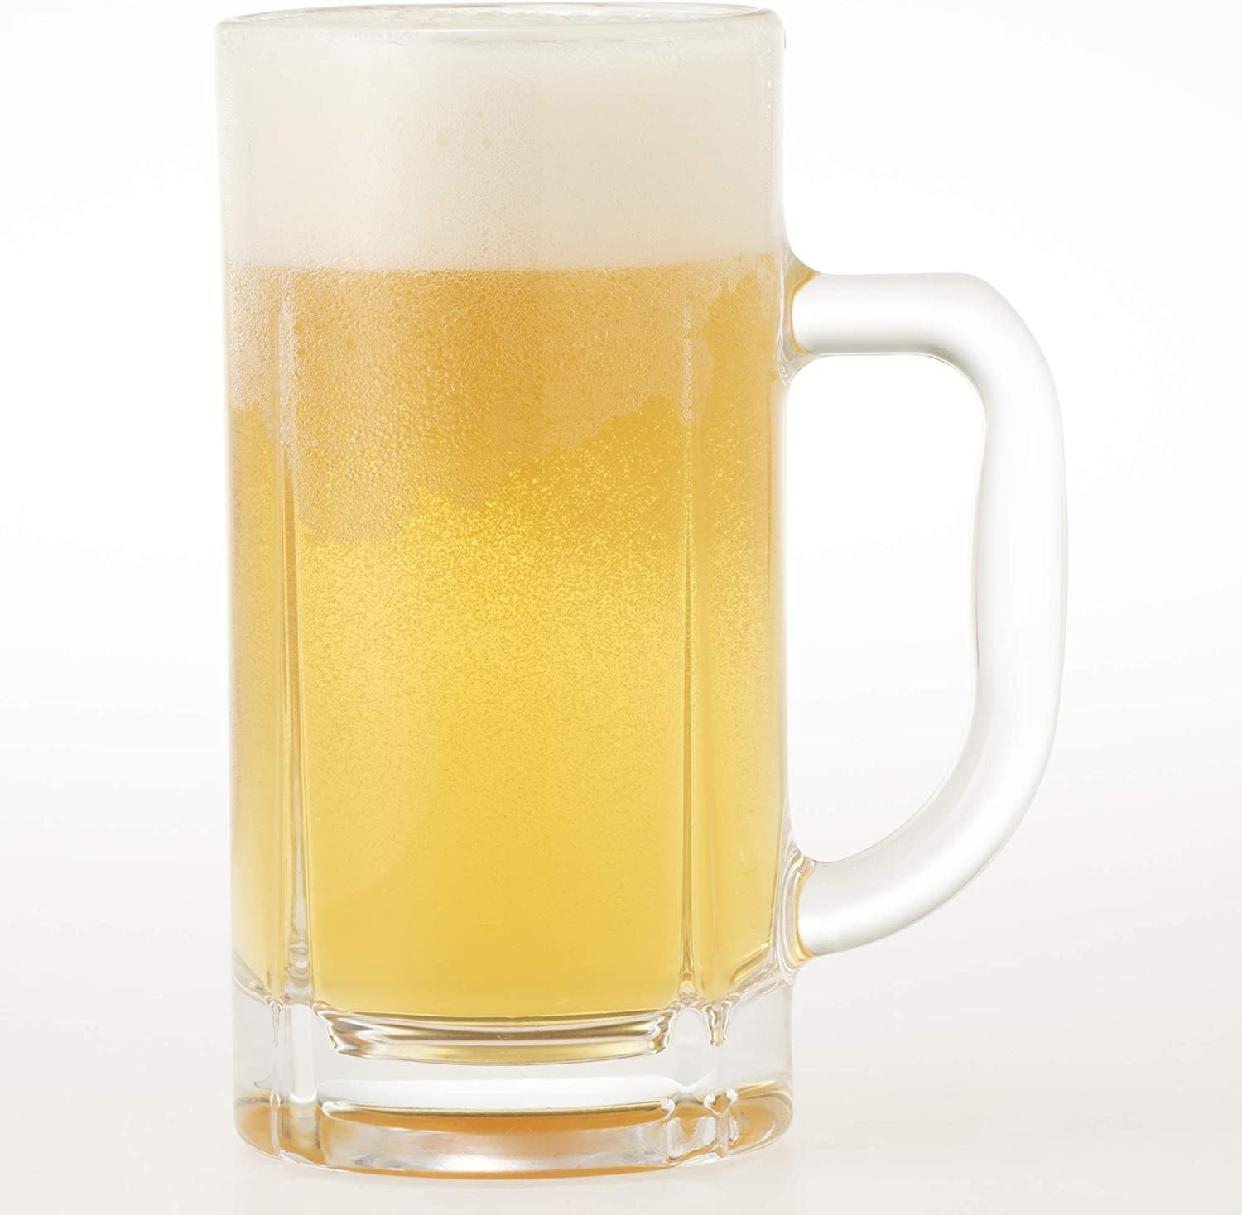 トウヨウササキガラス ビールジョッキ 340ml 55483の商品画像2